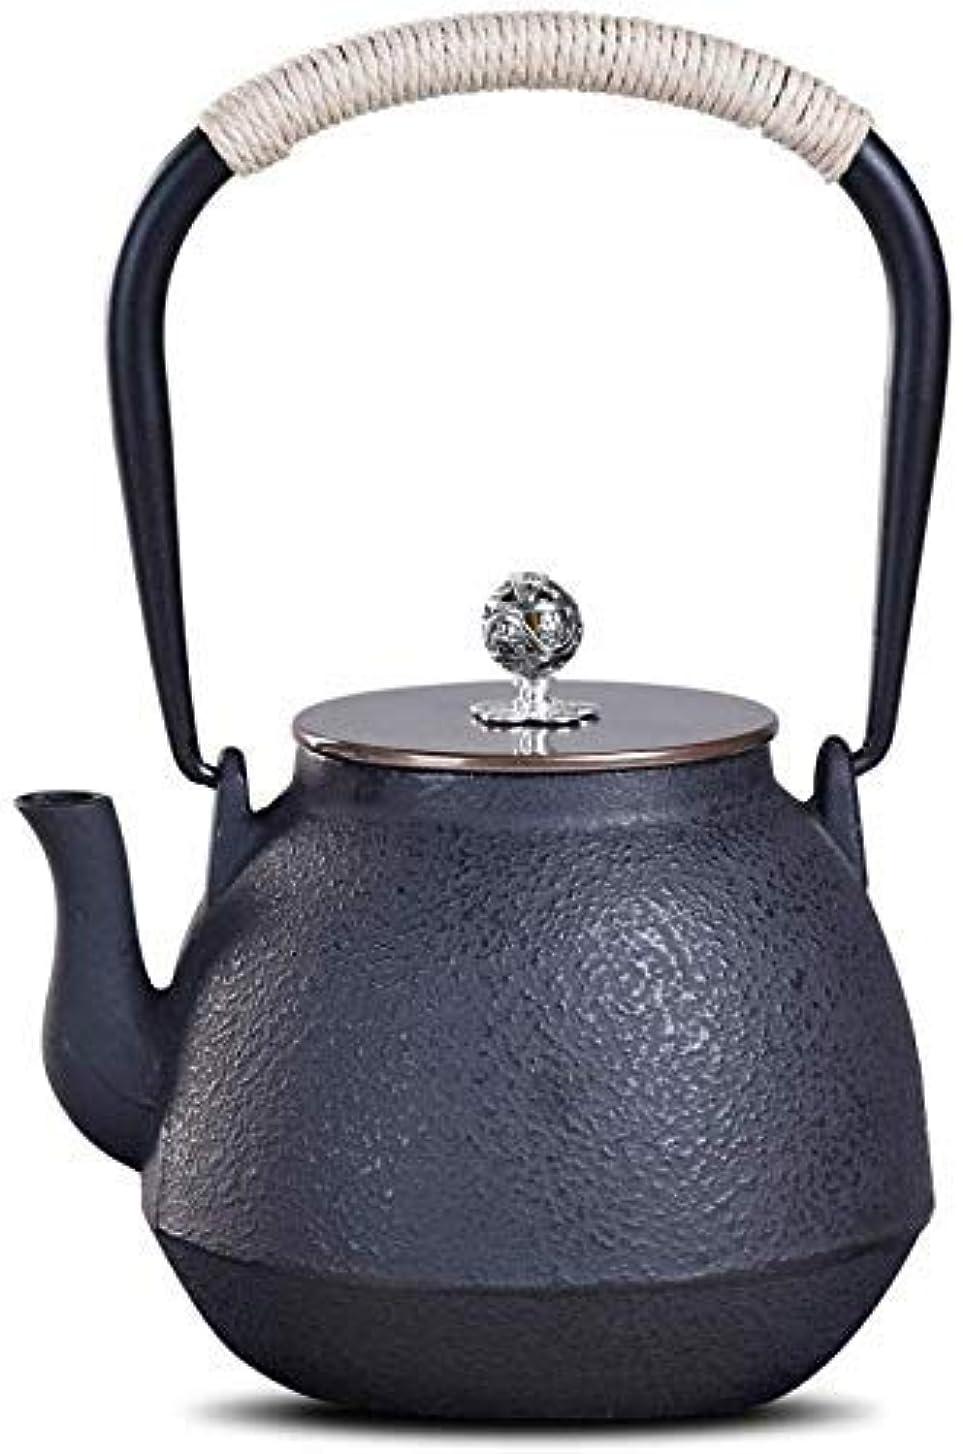 スーダン家具シュガーCLJ-LJ 鋳鉄のやかん、煮茶、煮投手